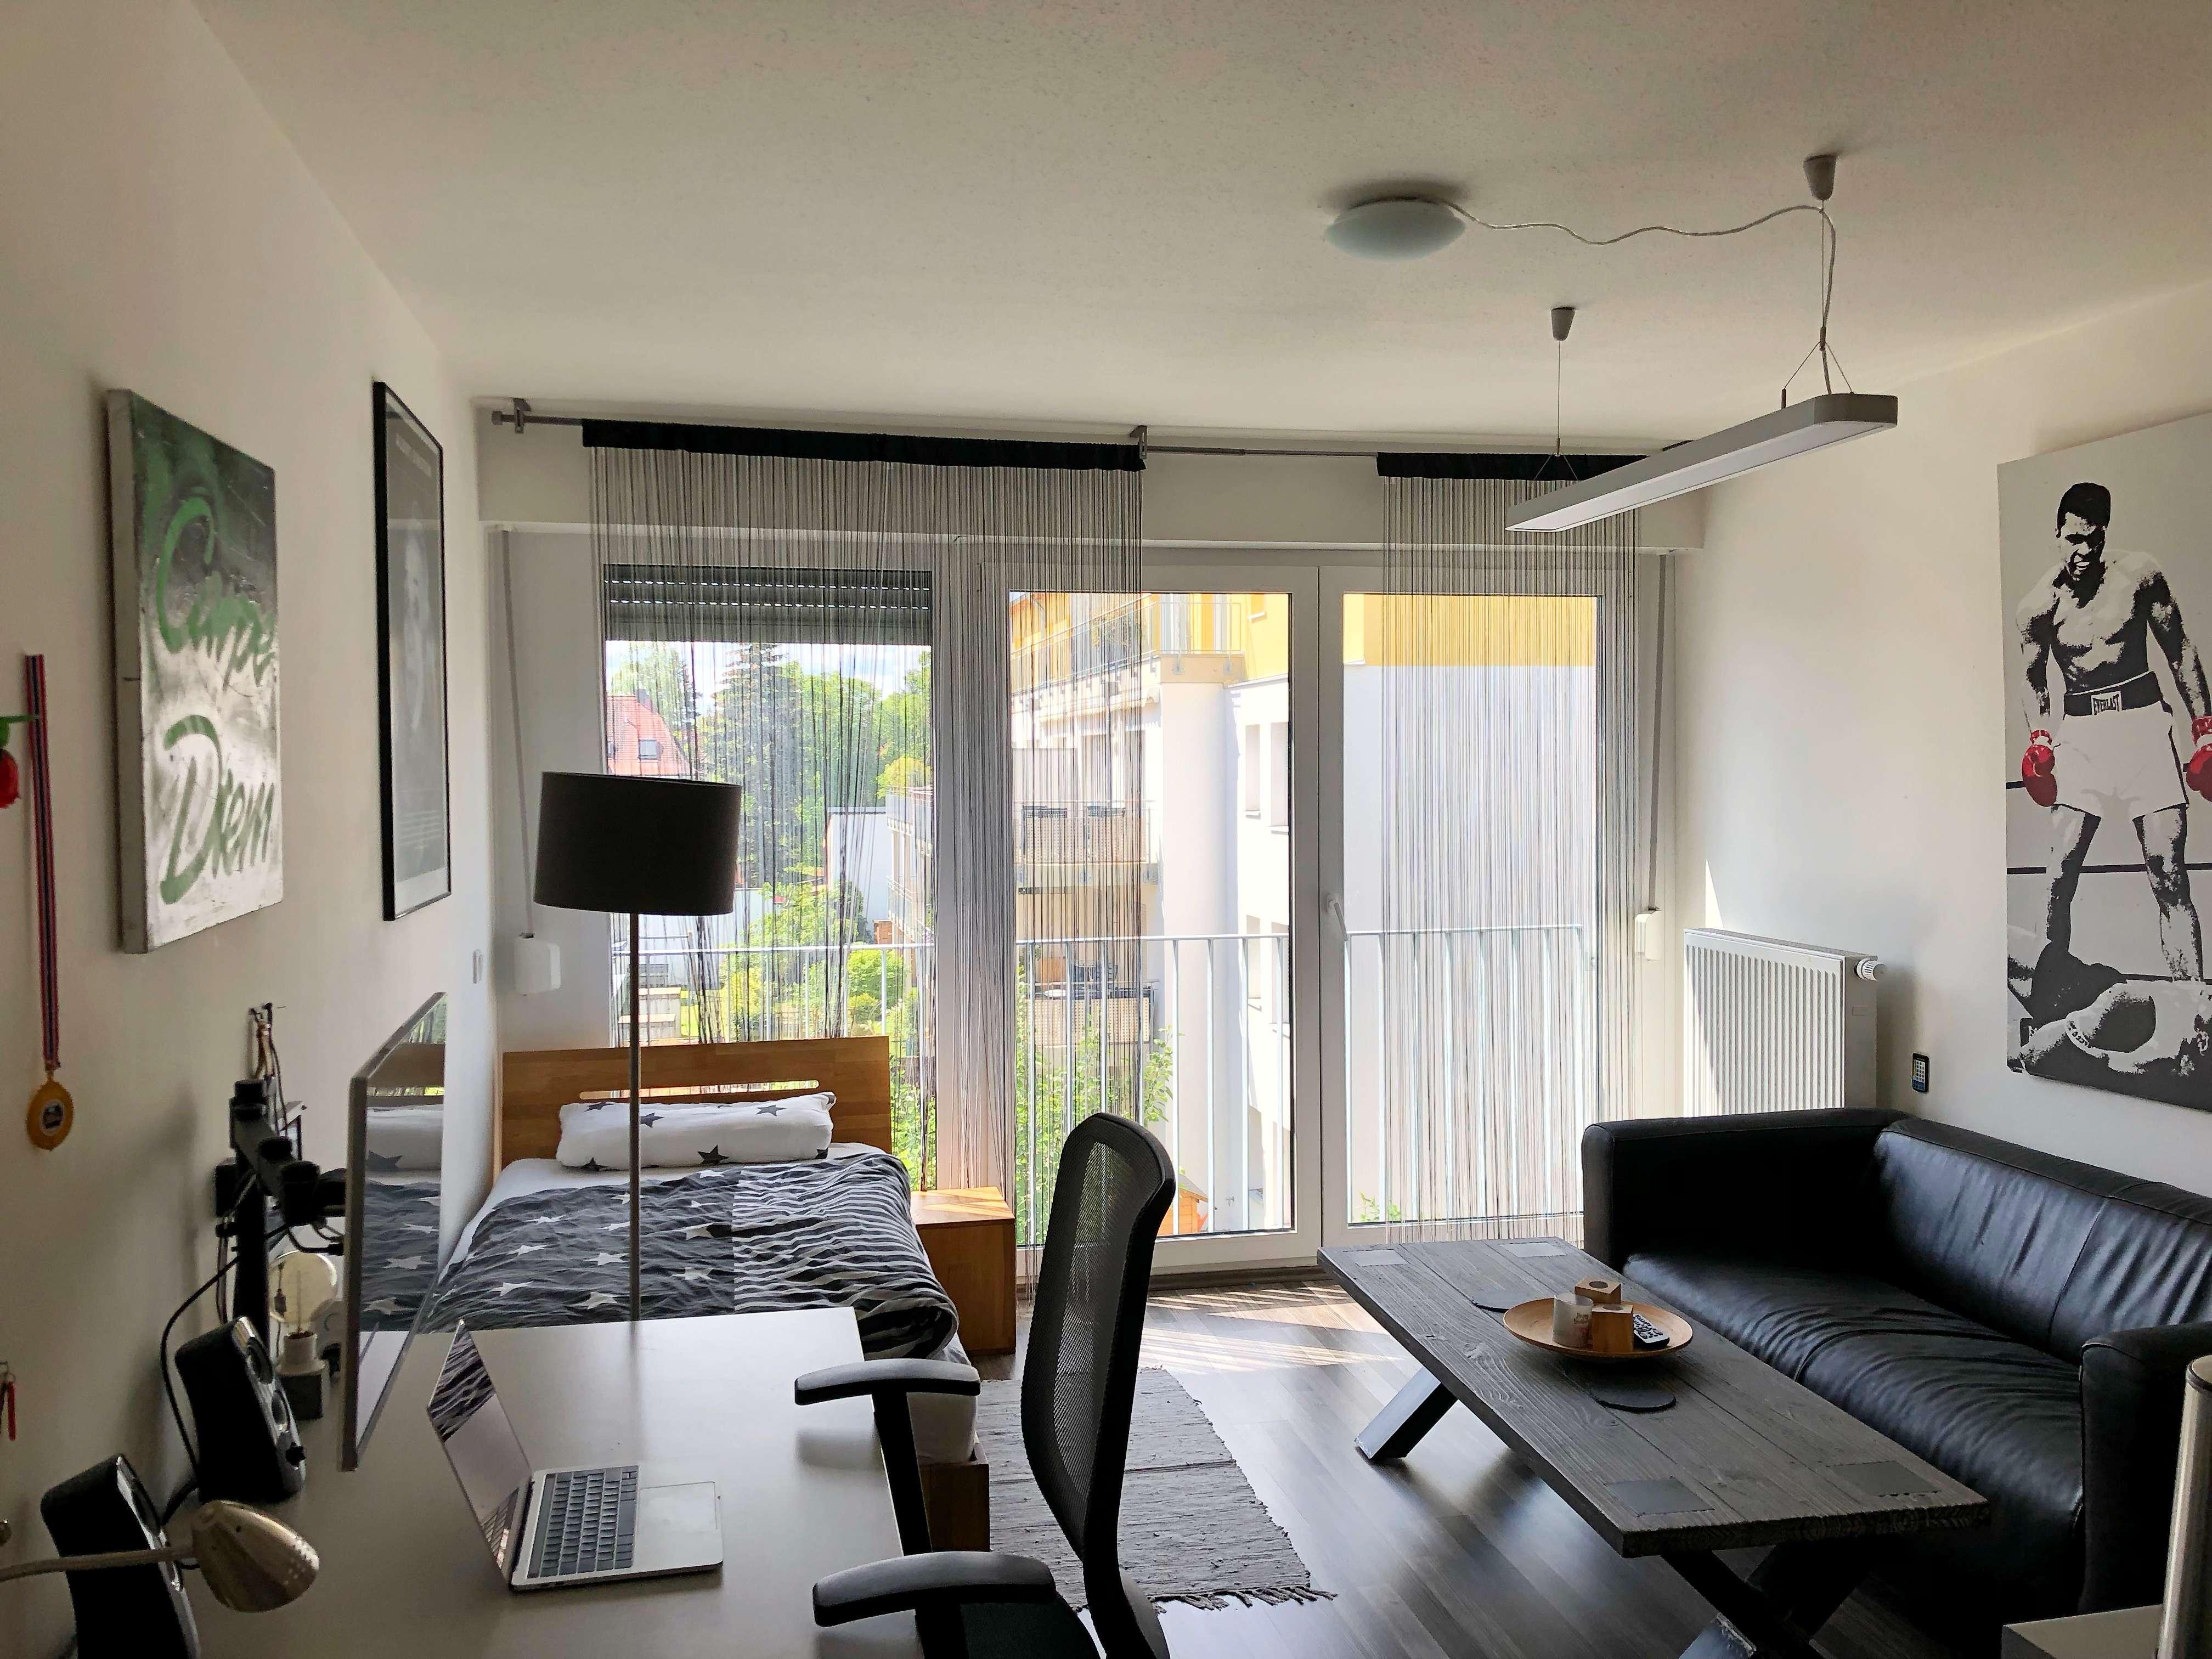 Sehr schönes und helles Appartement im Zentrum Erlangens